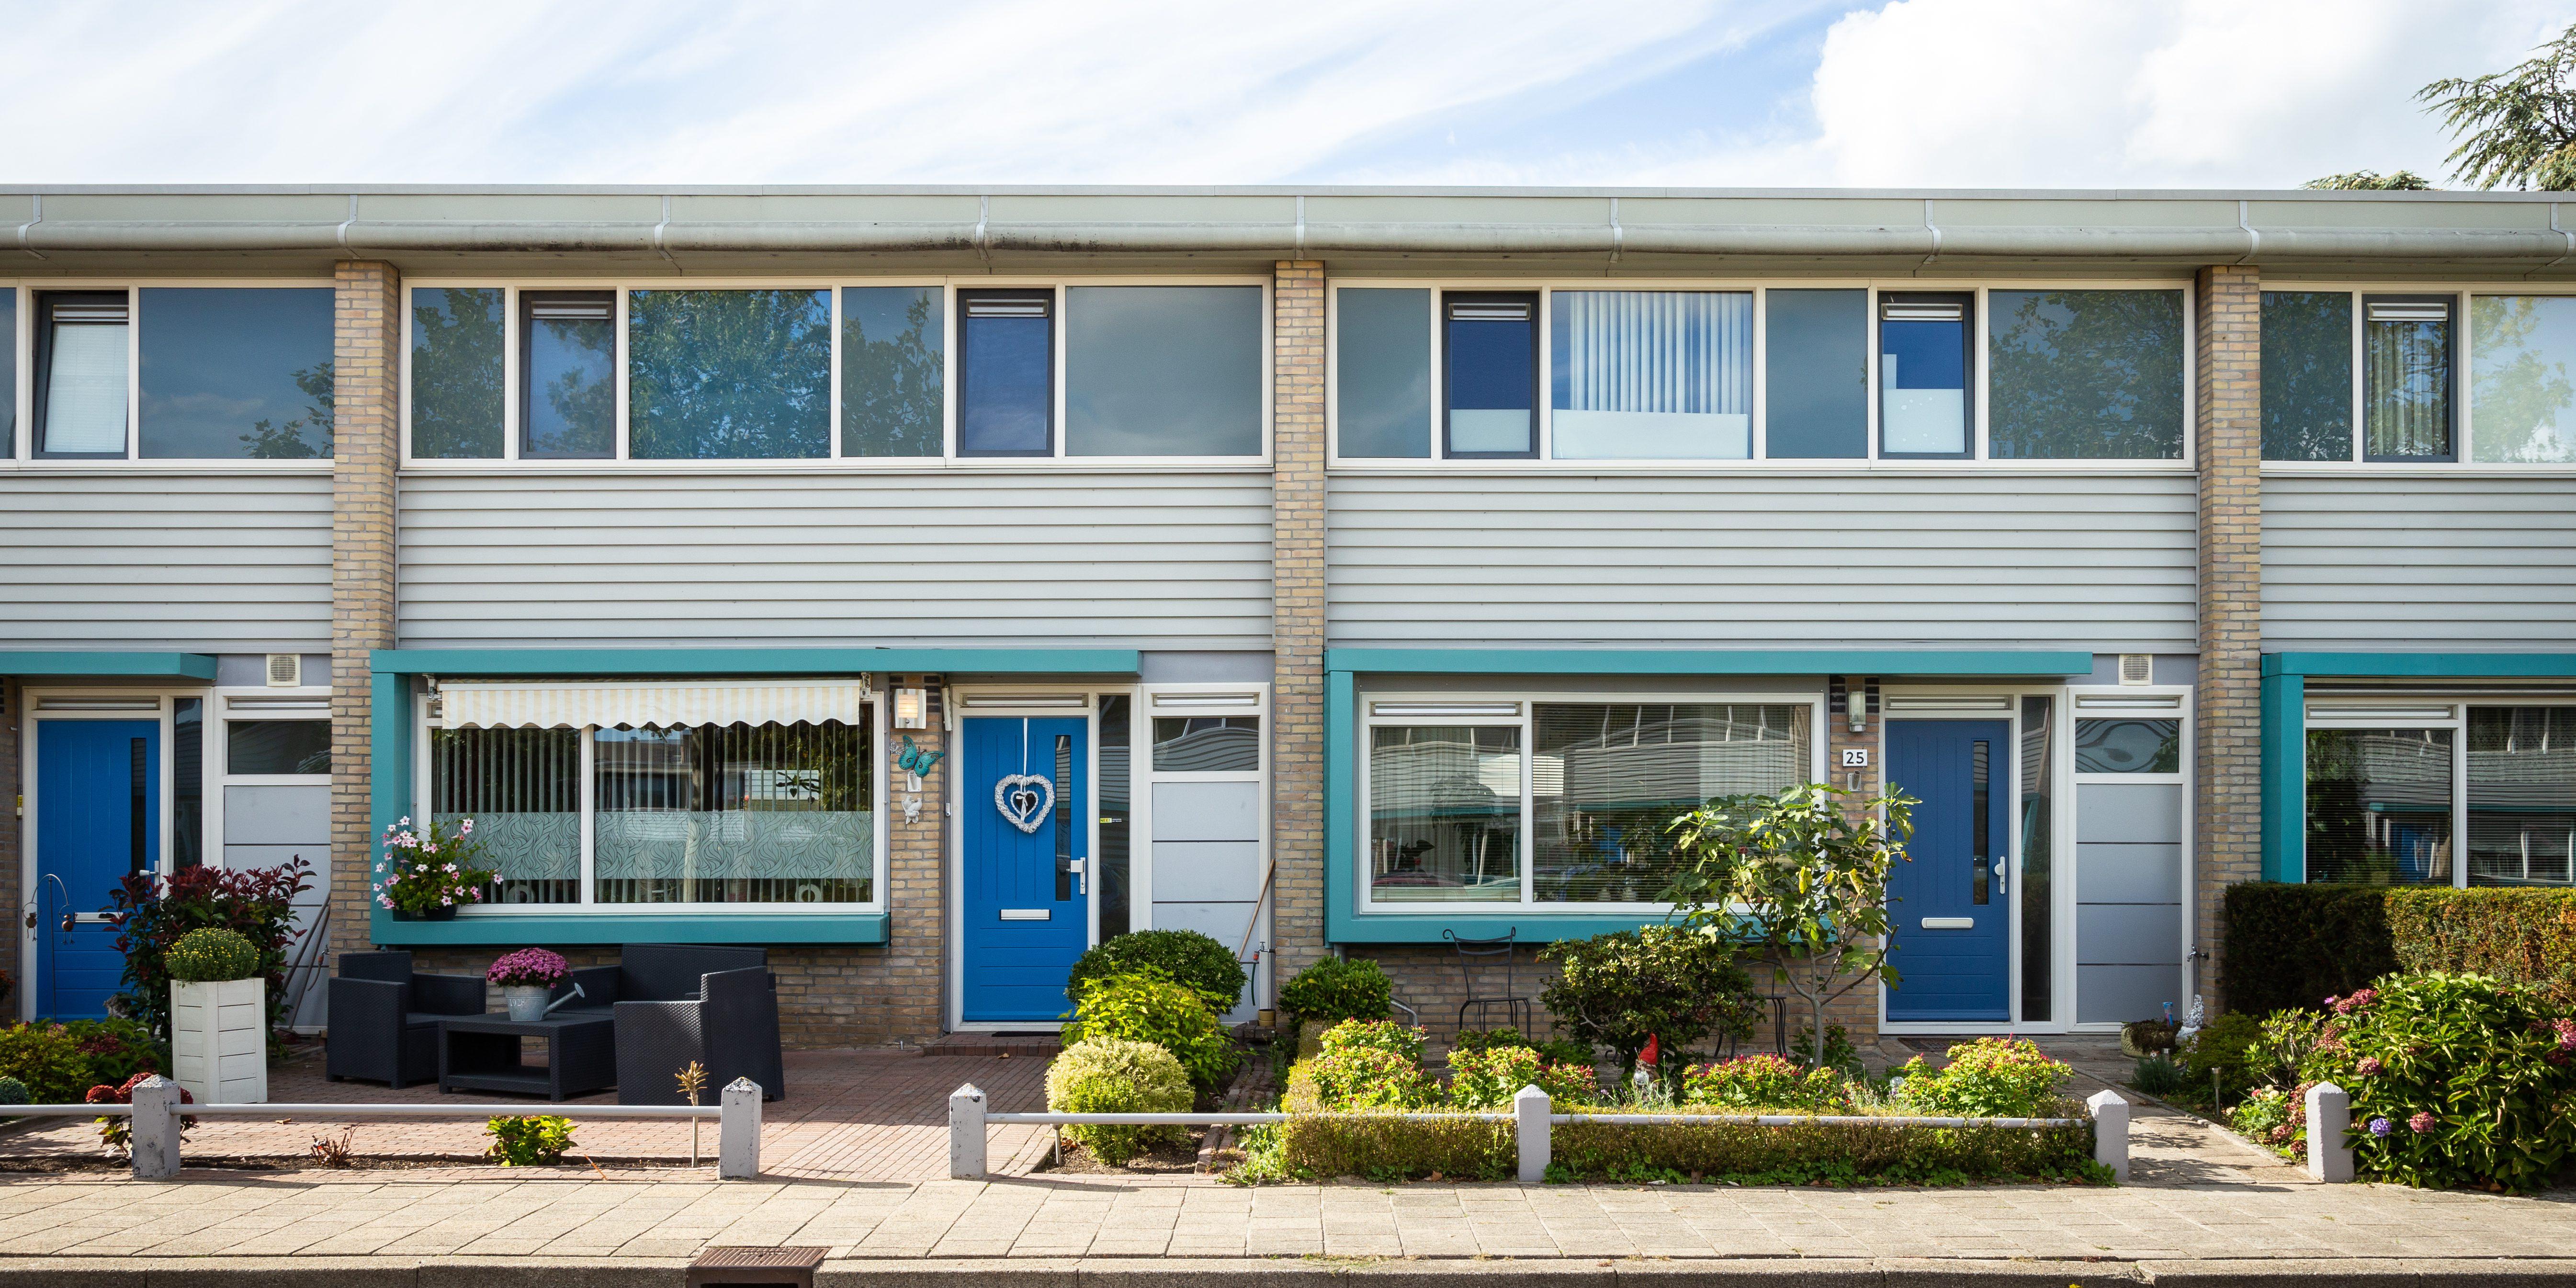 wijkgerichte aanpak woningcorporaties